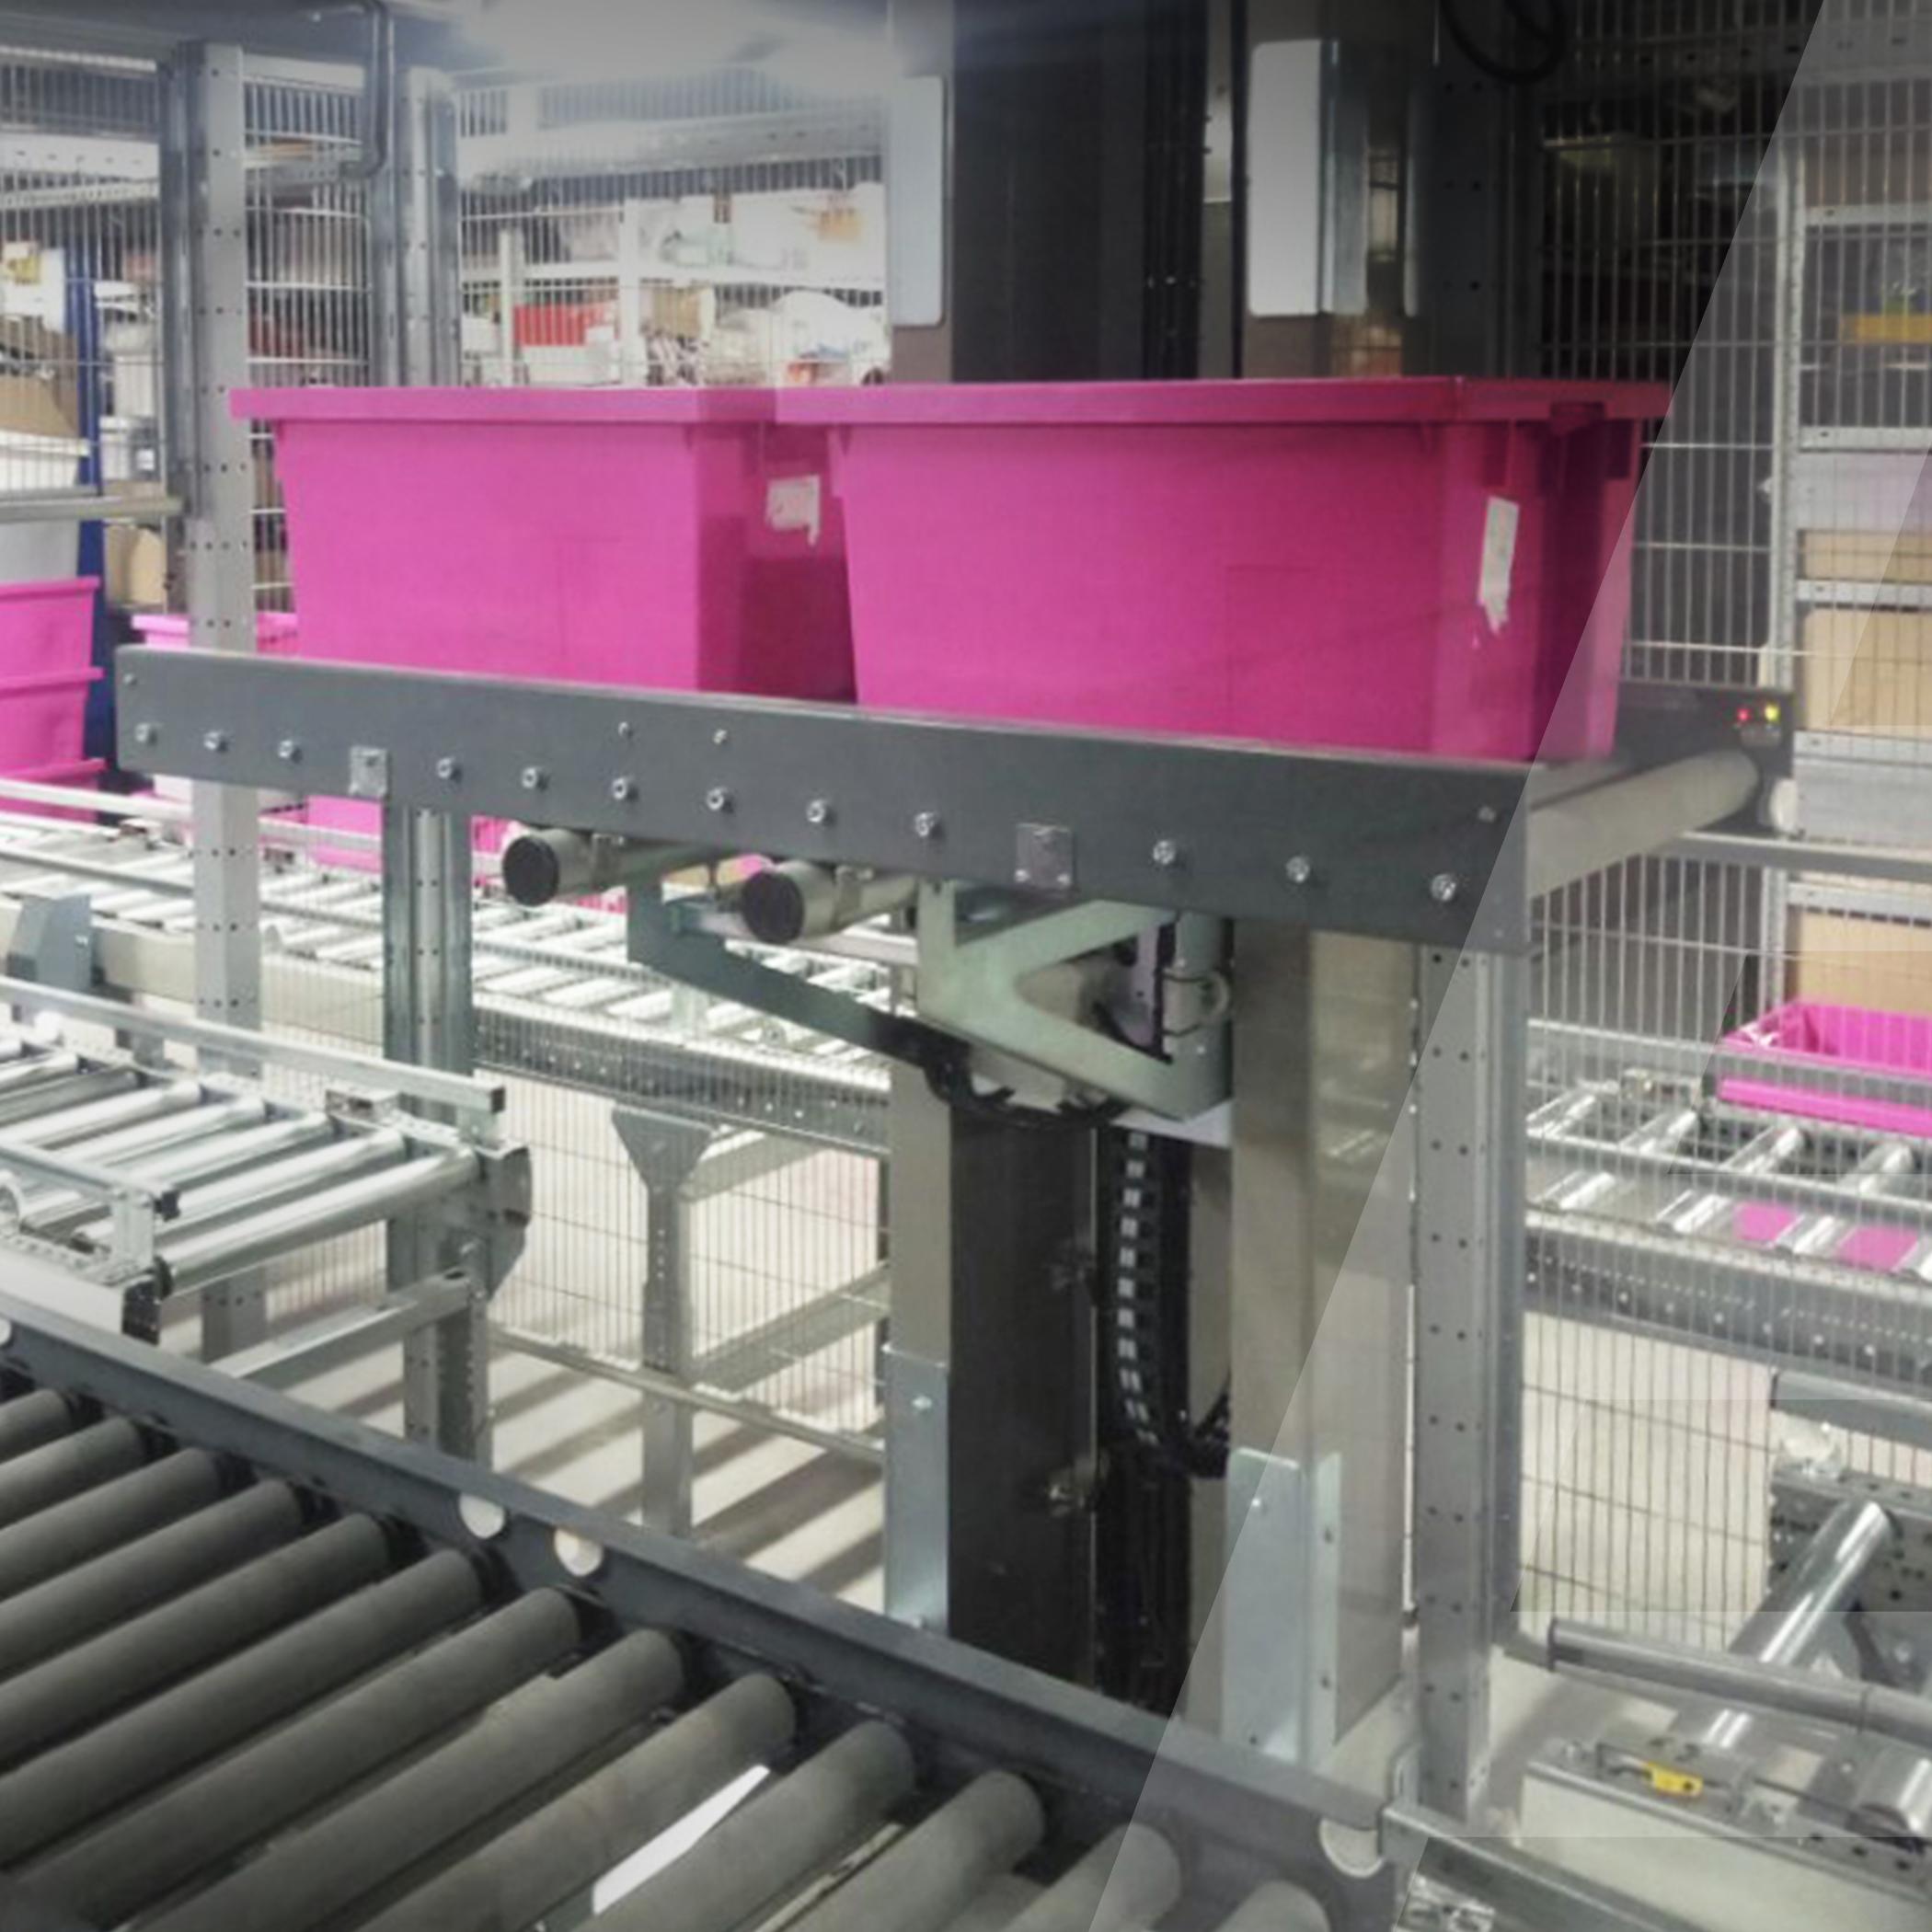 Автоматизація складу та організація ефективного зберігання 1 000 000 SKU - 4 - kapelou.com